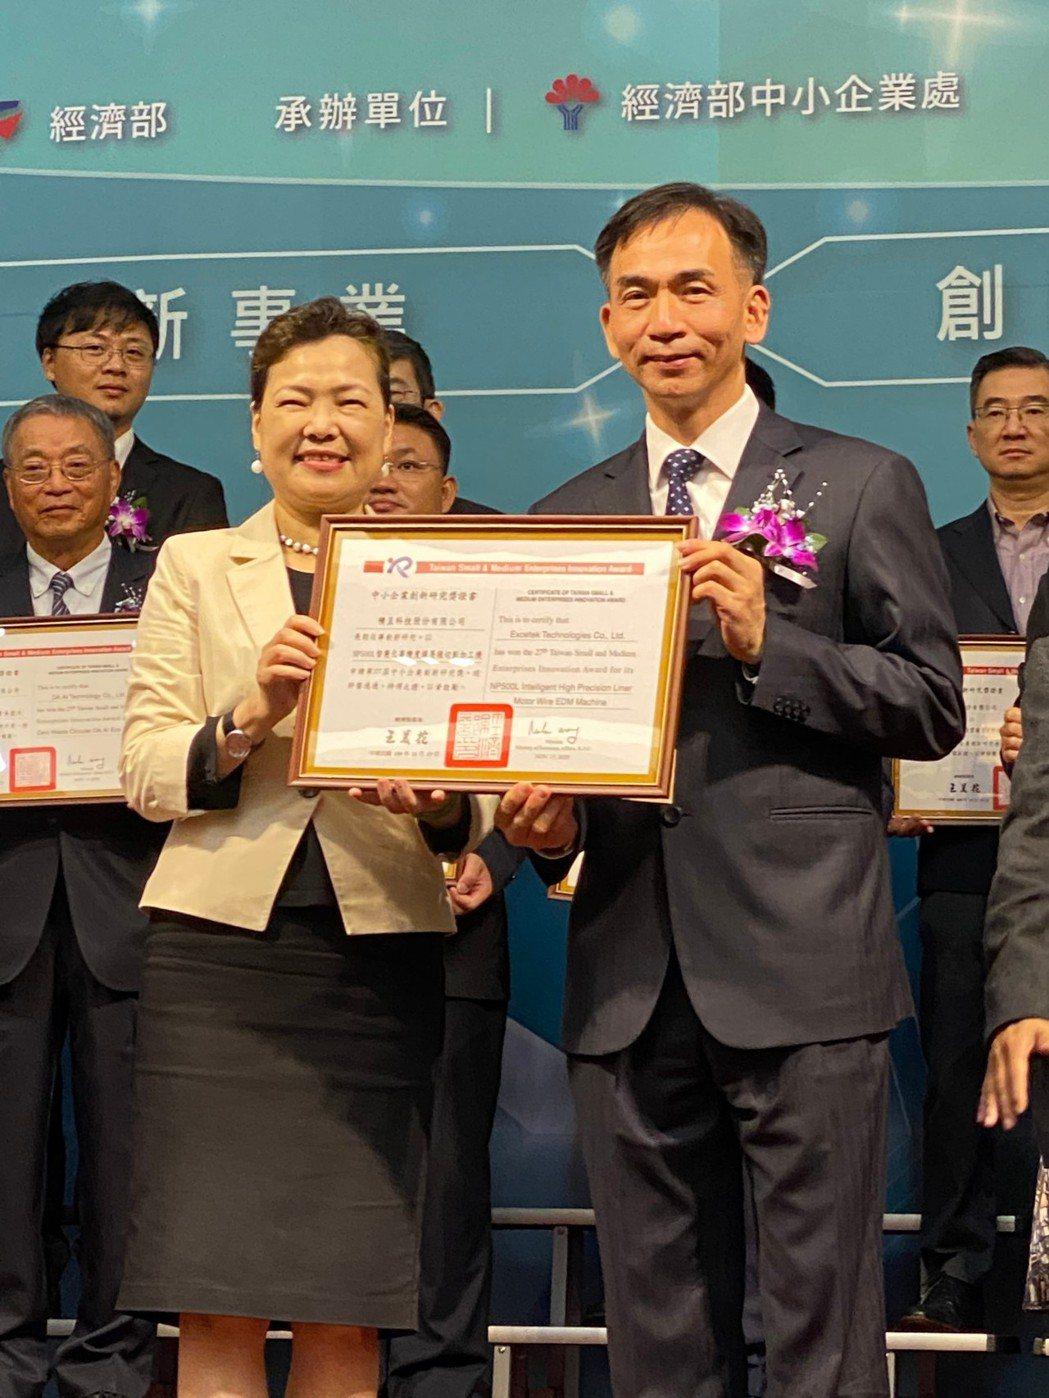 精呈科技榮獲經濟部第27屆中小企業創新研究獎,由該公司董事長張瑞成(右)代表接受...